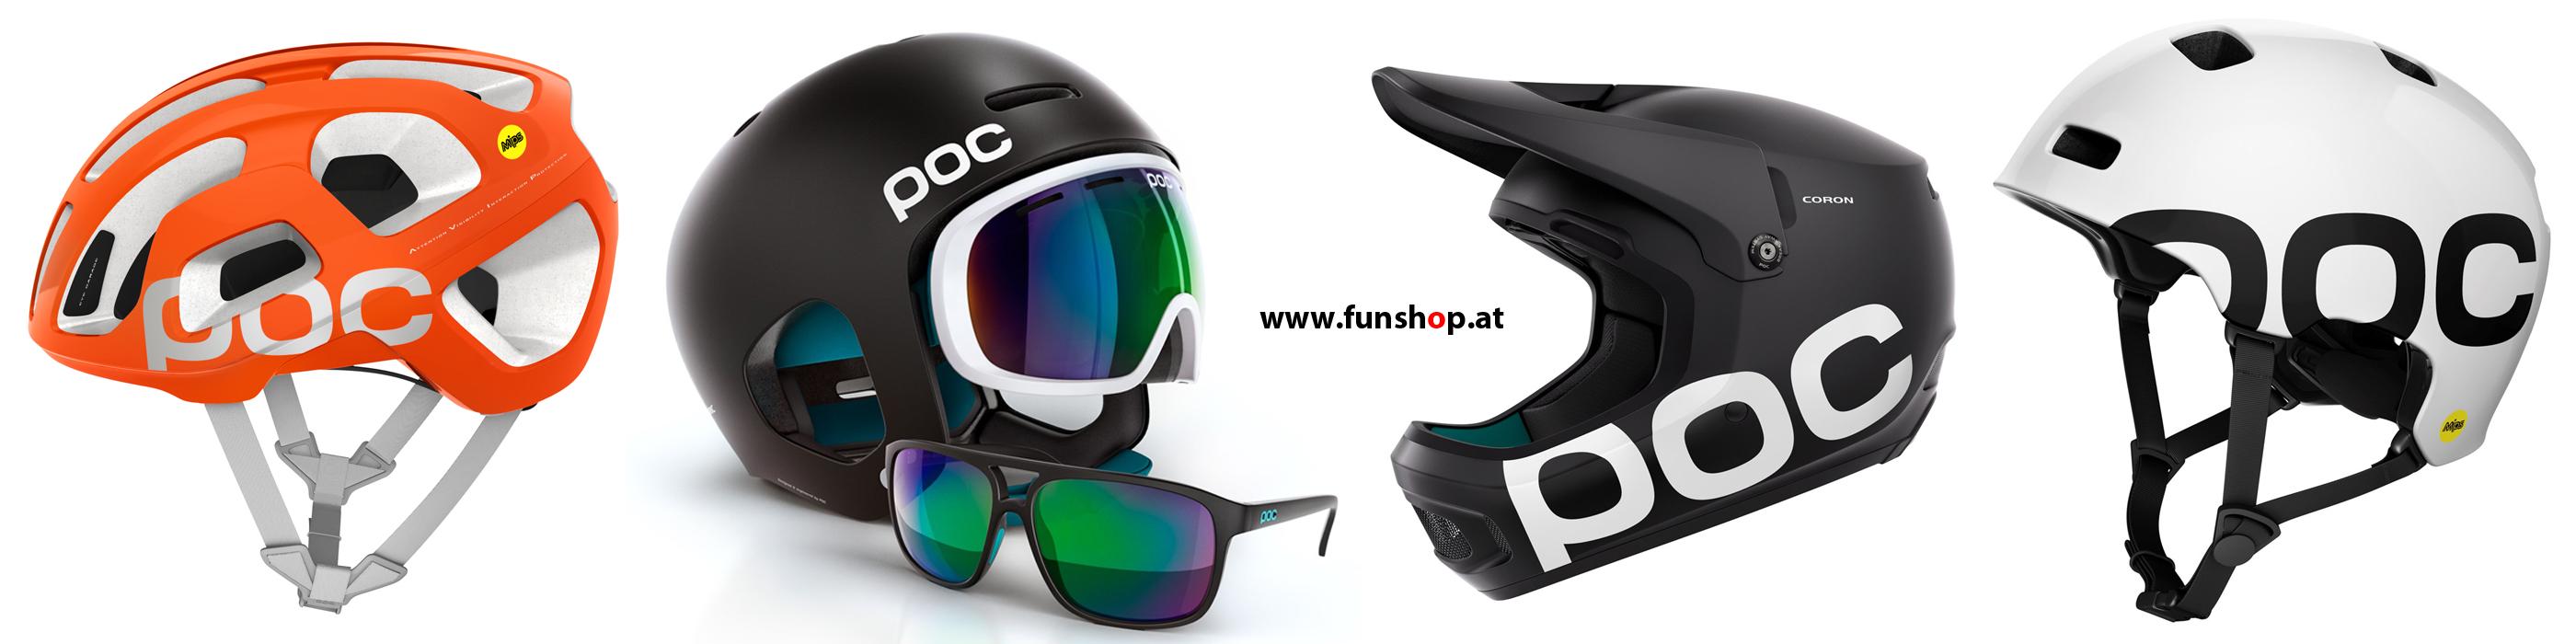 elegante Form detaillierter Blick feine handwerkskunst POC Helme, Sportbekleidung und Zubehör – FunShop | Kingsong ...